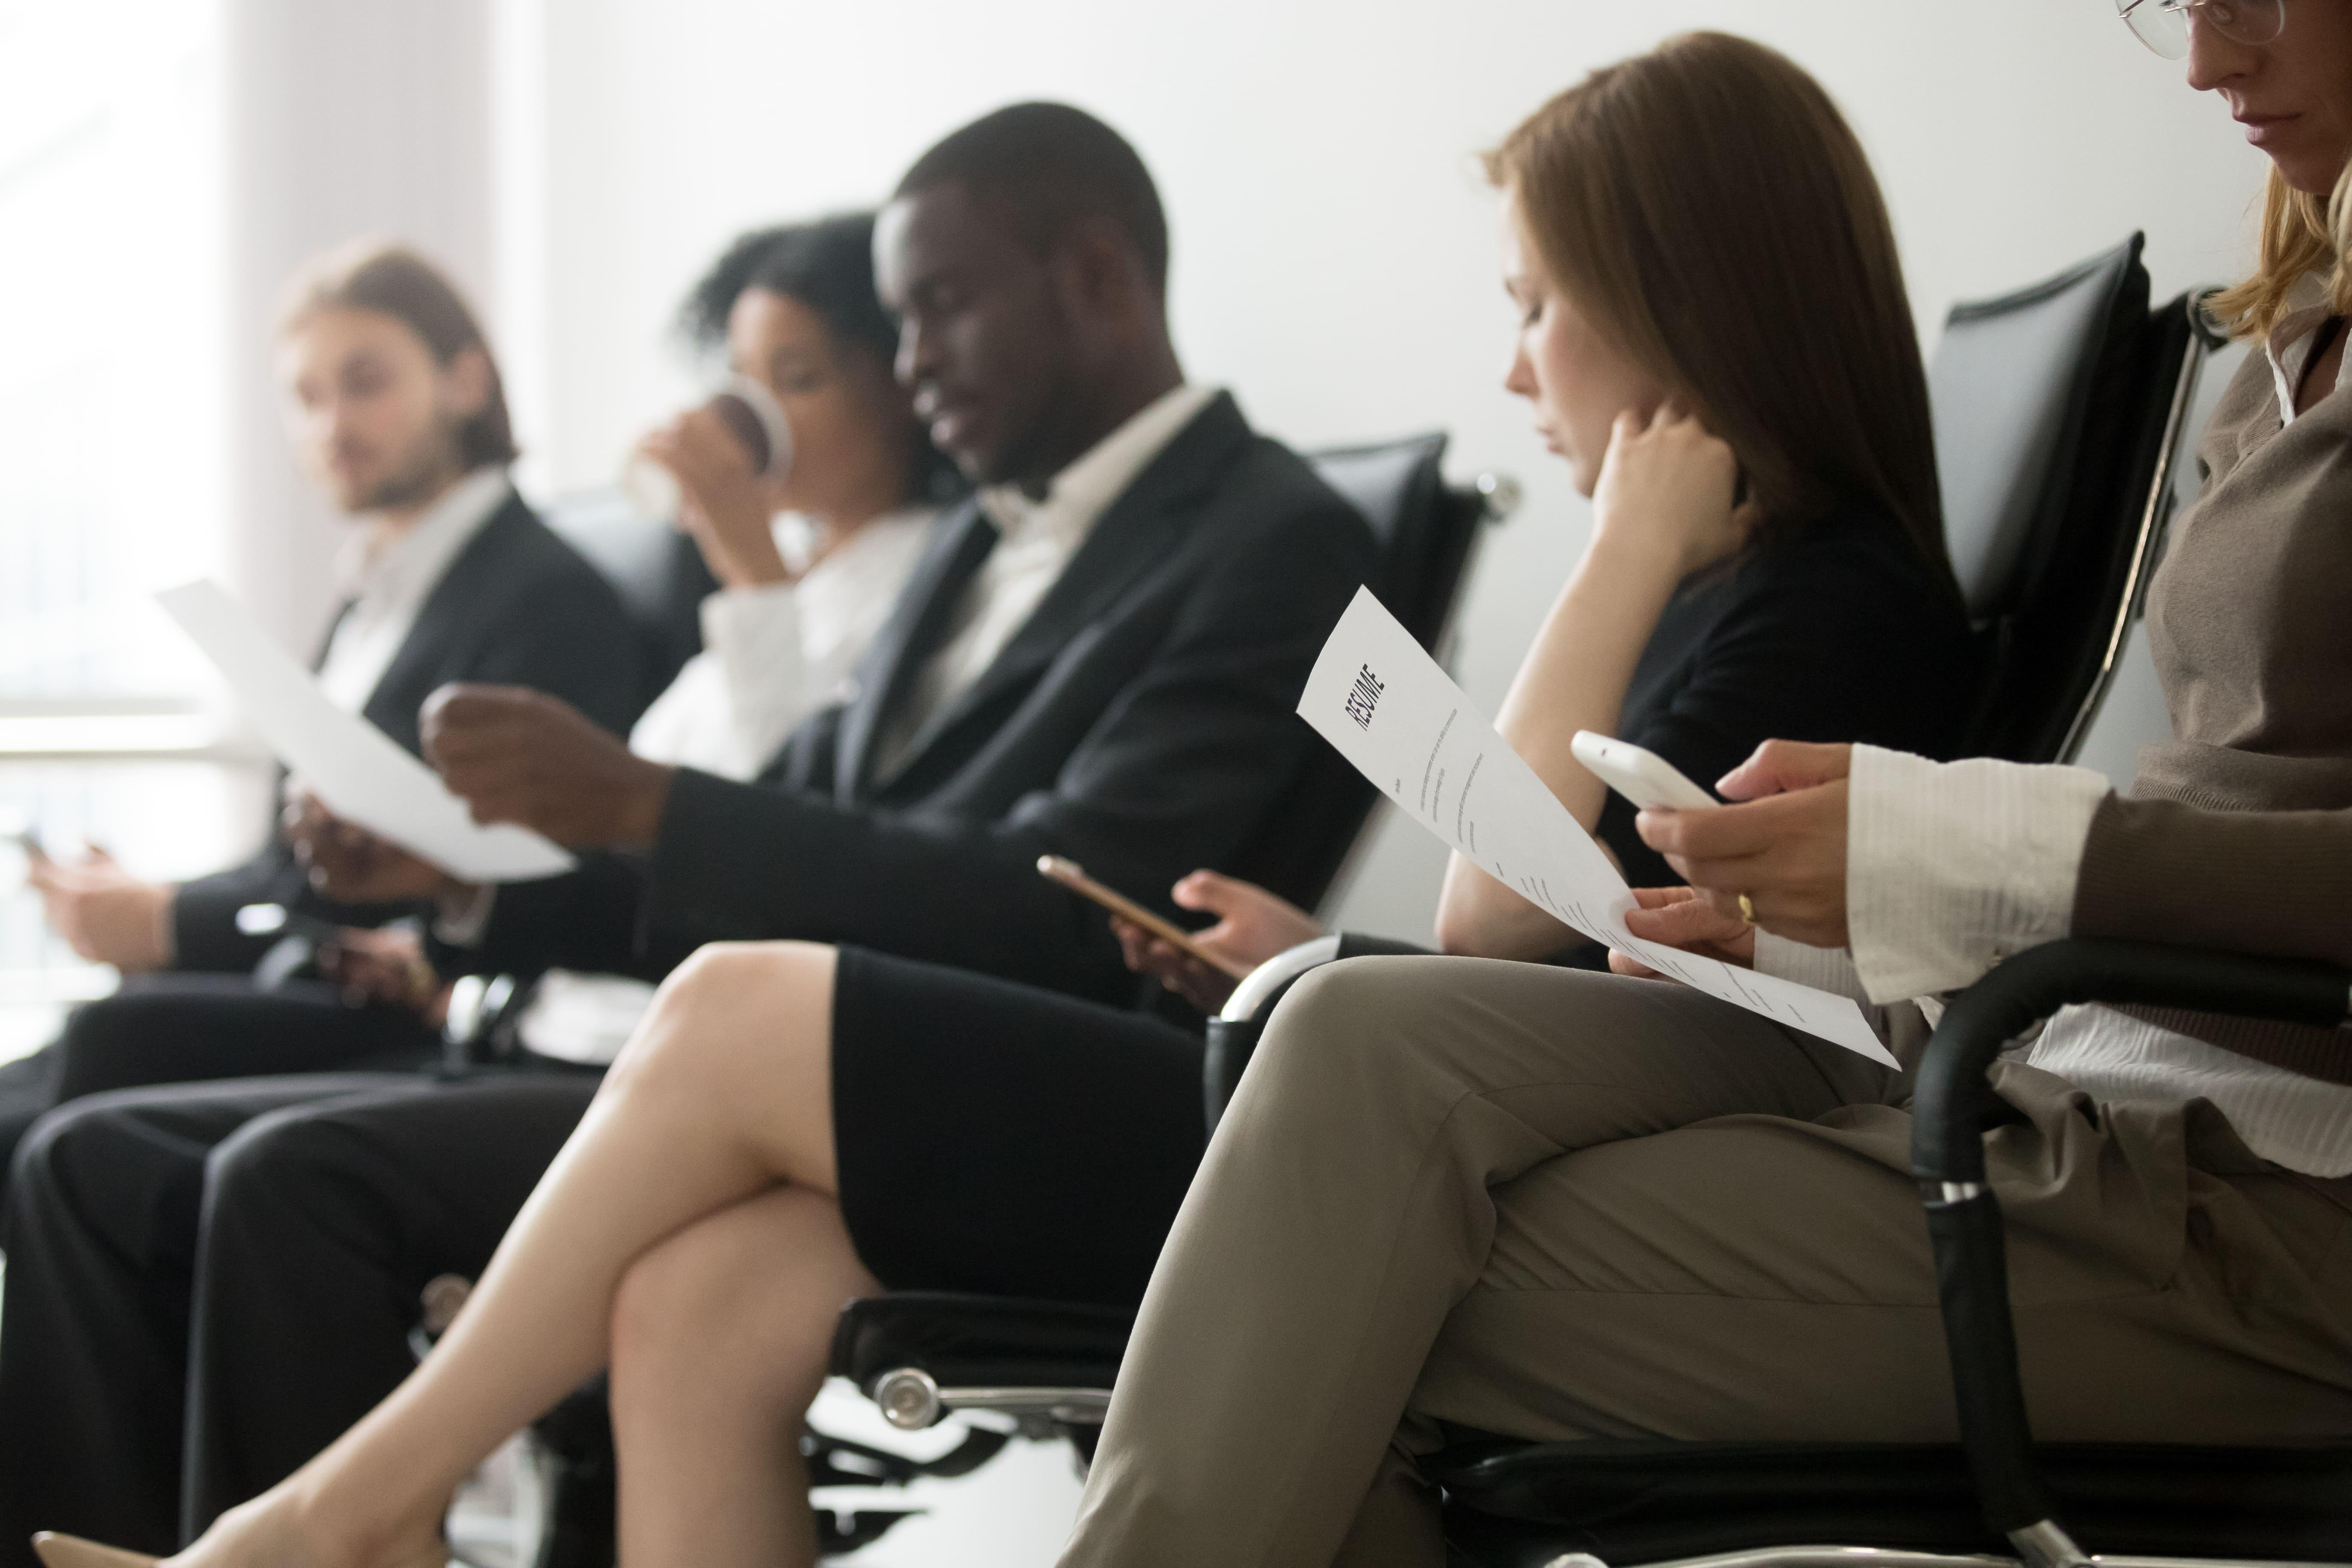 Comment réduire les coûts de votre tunnel d'acquisition de candidats ?